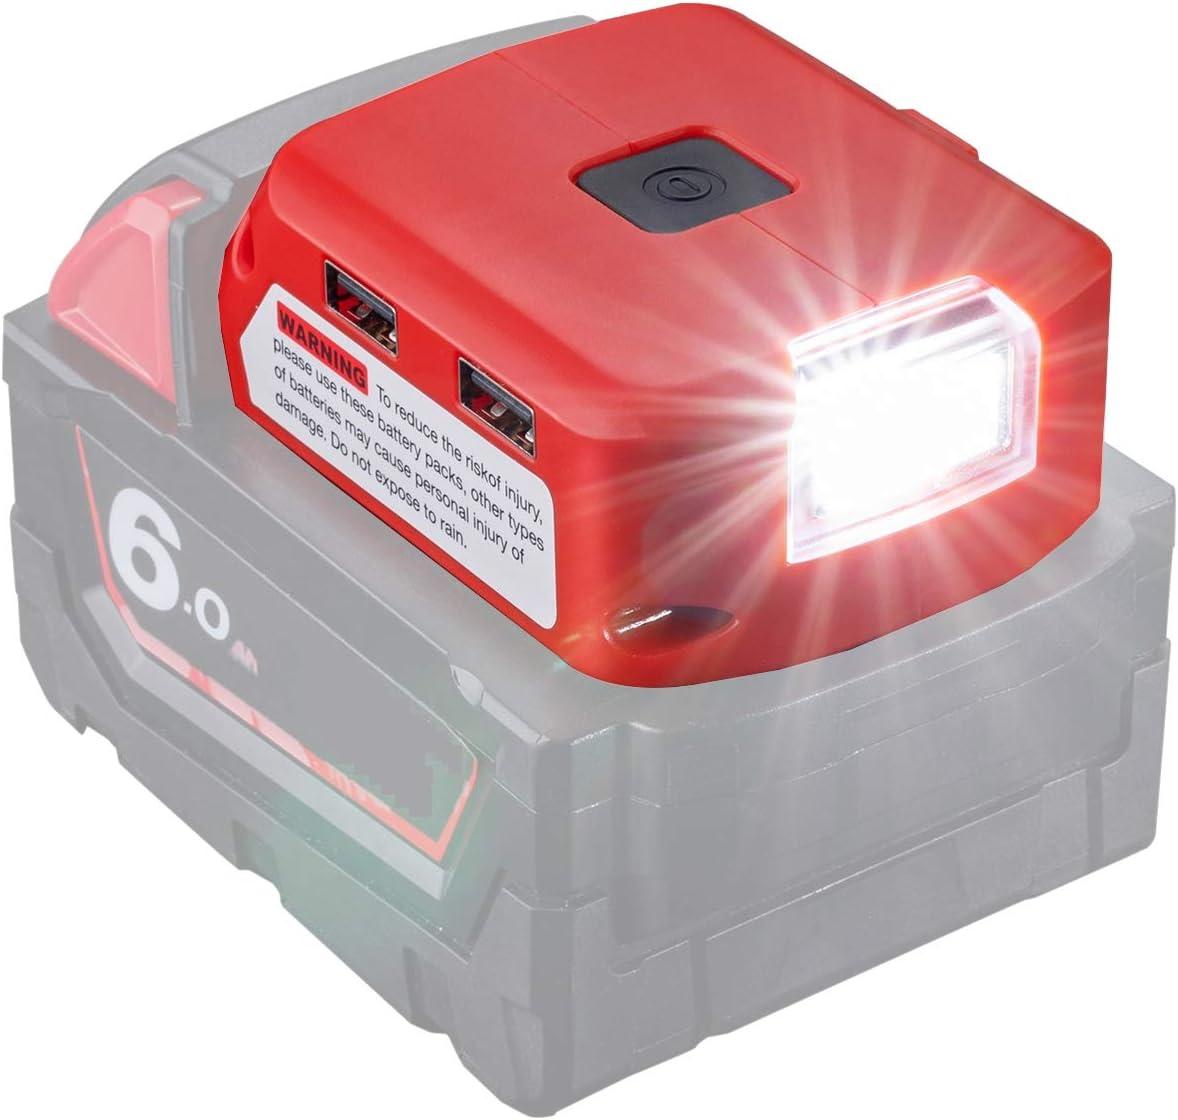 Adaptador de batería para batería Milwaukee de 18 V de iones de litio, conector CC y faro de trabajo LED y cargador dual USB, fuente de alimentación compatible con Milwaukee 49-24-2371 M18